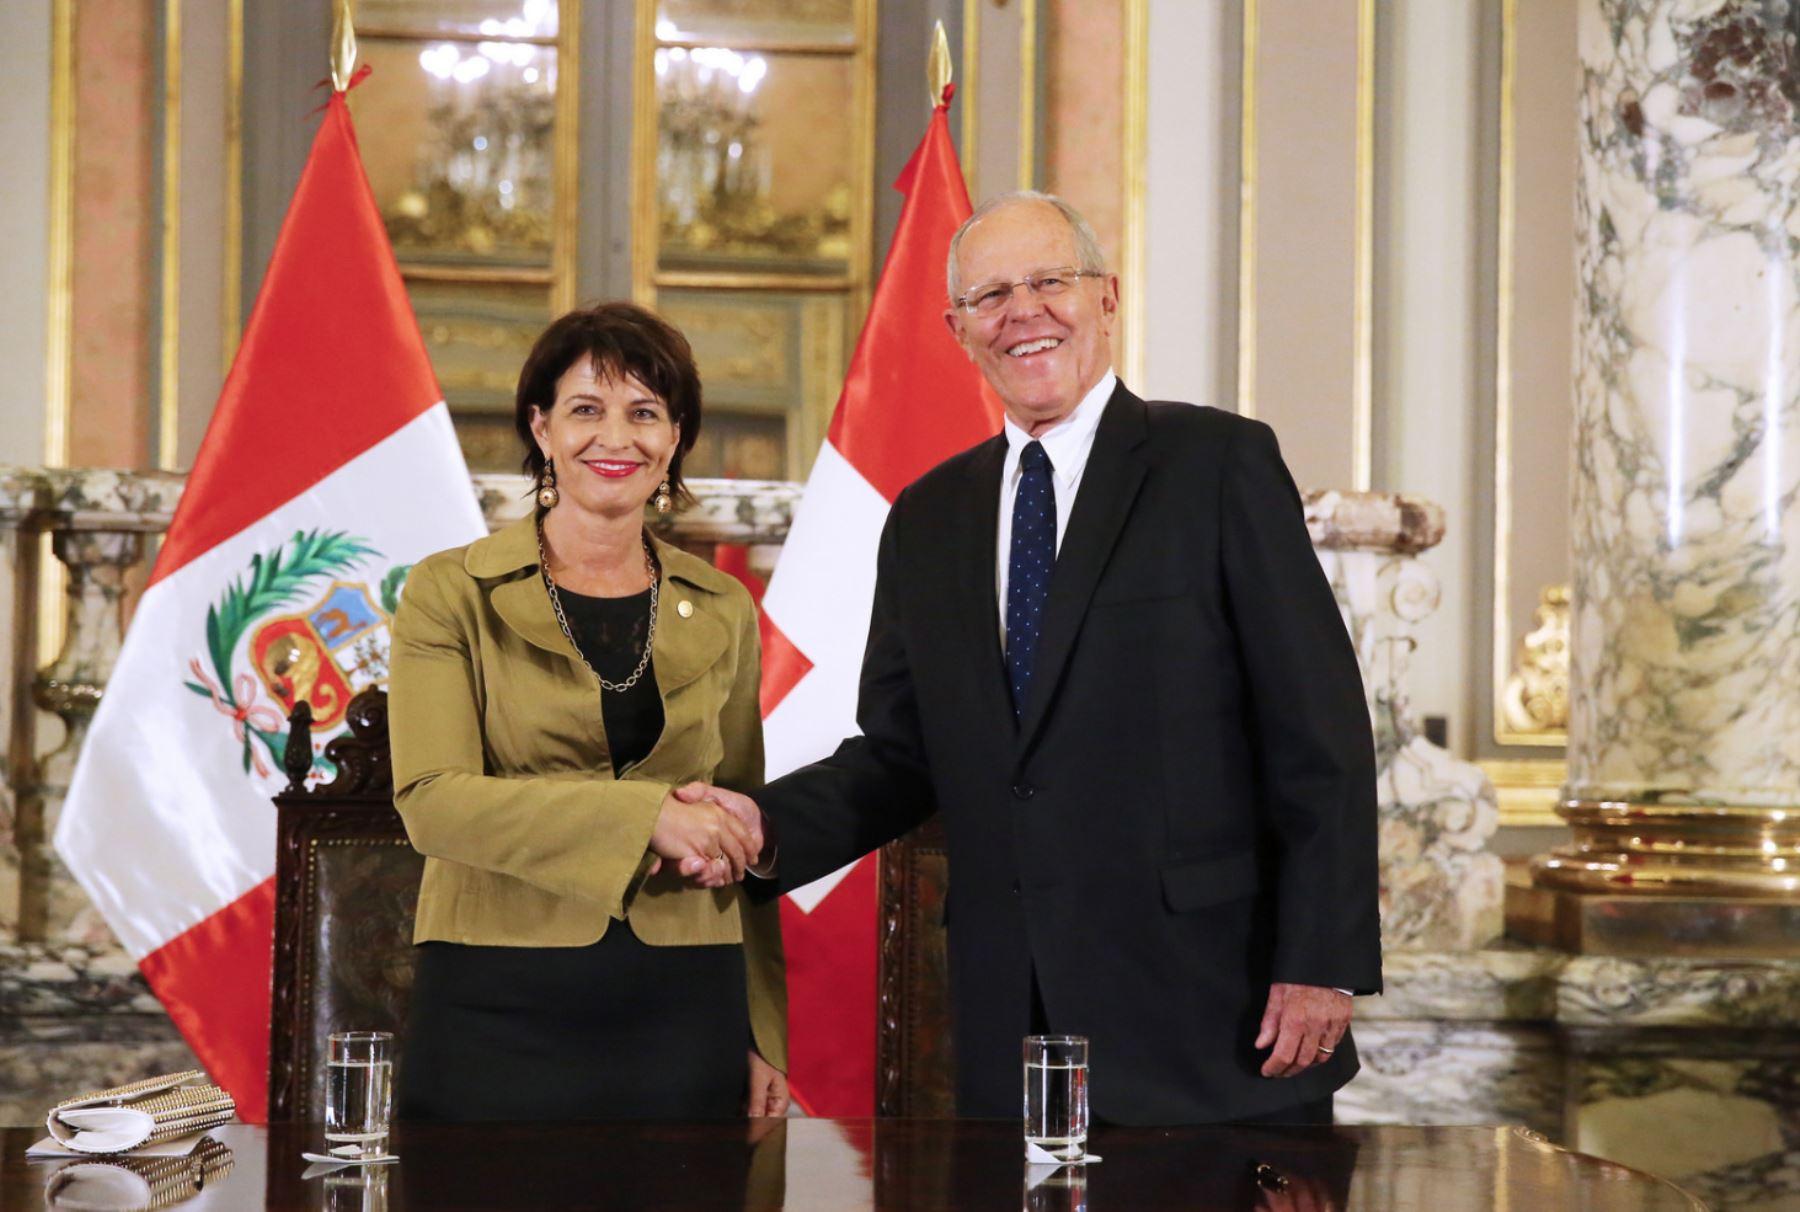 Presidenta de la Confederación Suiza, Doris Leuthard y el mandatario Pedro Pablo Kuczynski, tras conferencia de prensa conjunta realizada en Palacio de Gobierno. Foto: Presidencia.